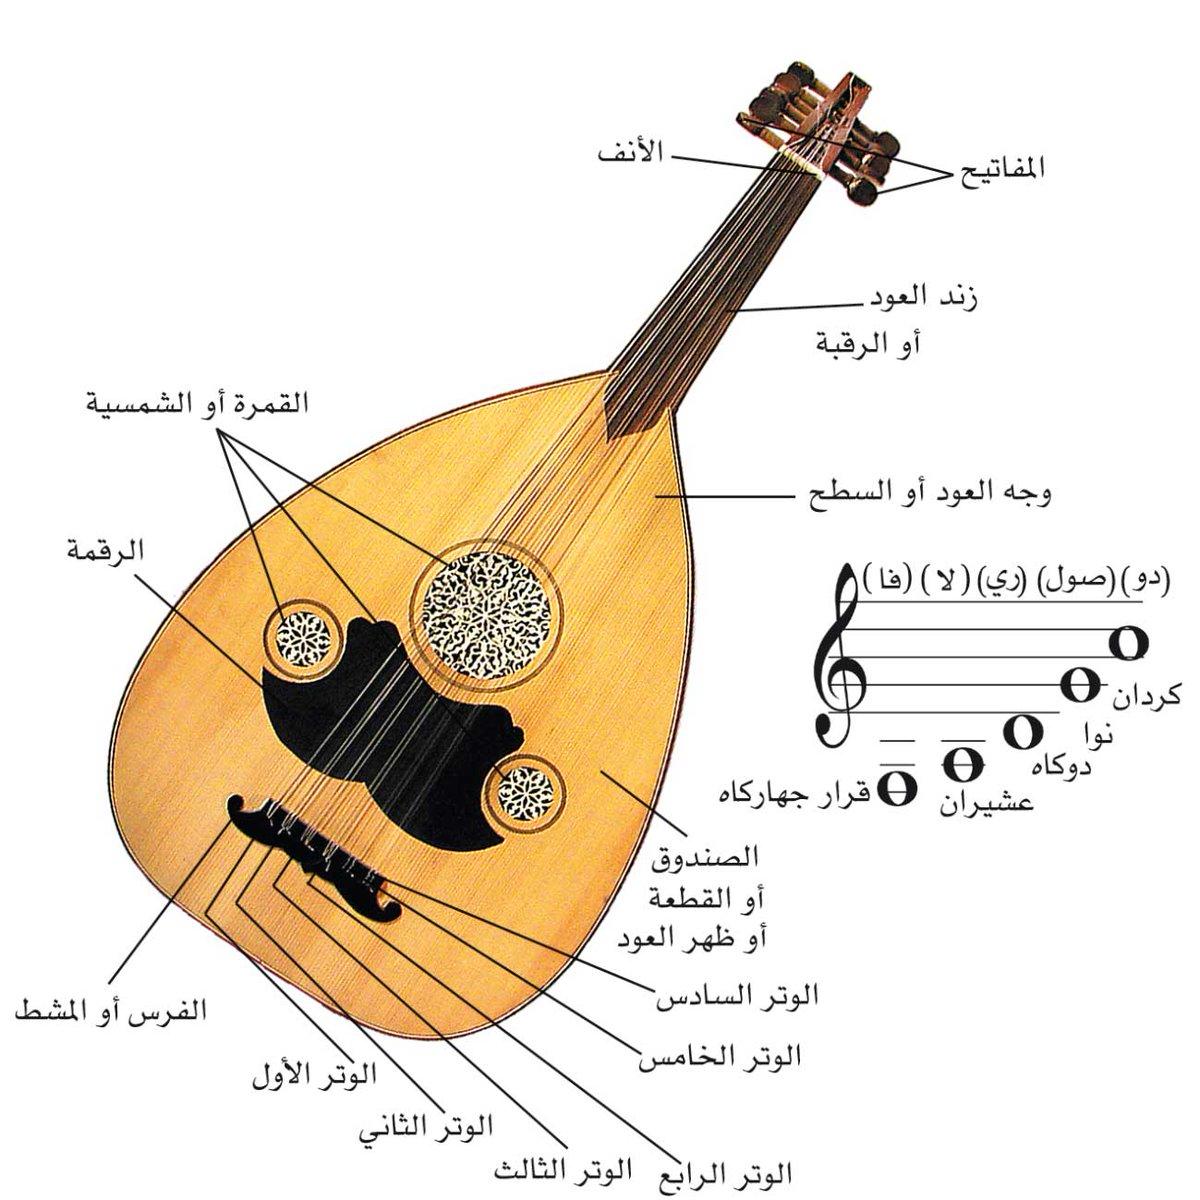 375e5b6d4 موسيقي فلسطيني يصنع الة العود الموسيقية من خشب الزيتون. 1 عميل يشاهد المنتج  الآن